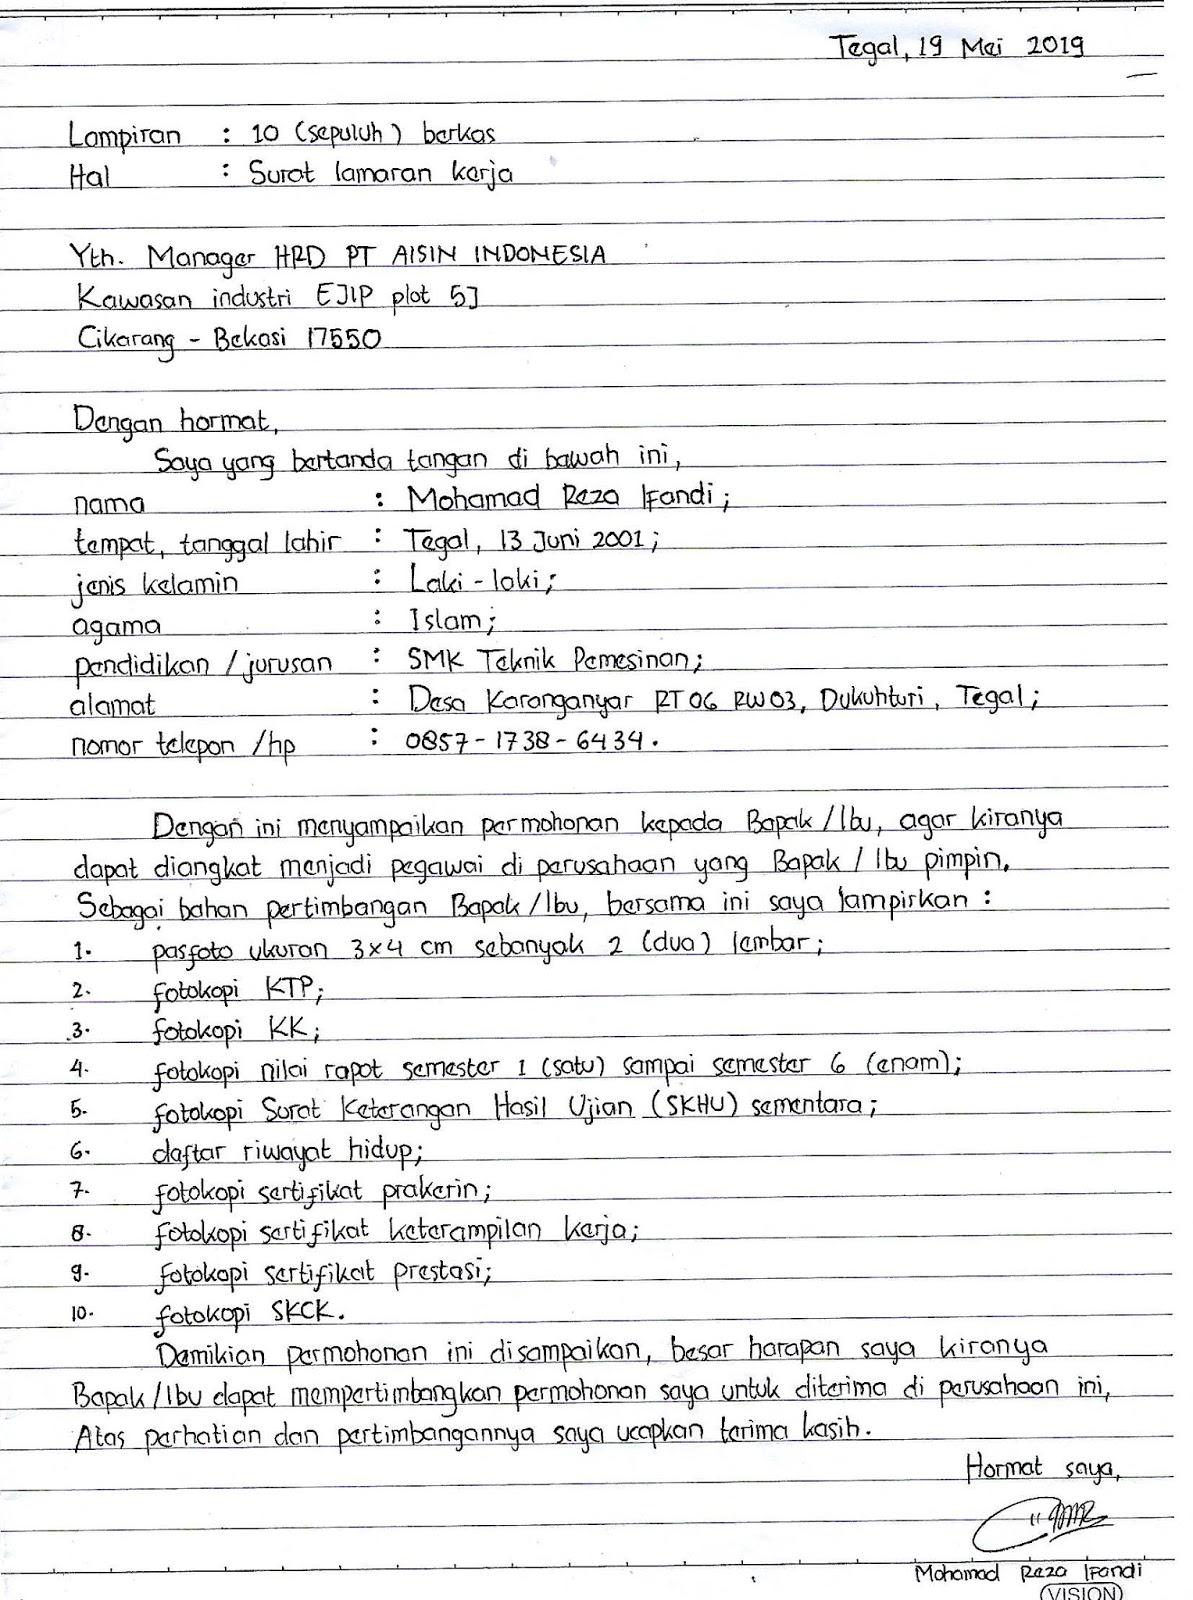 3 Langkah Mudah Membuat Surat Lamaran Kerja Yang Benar